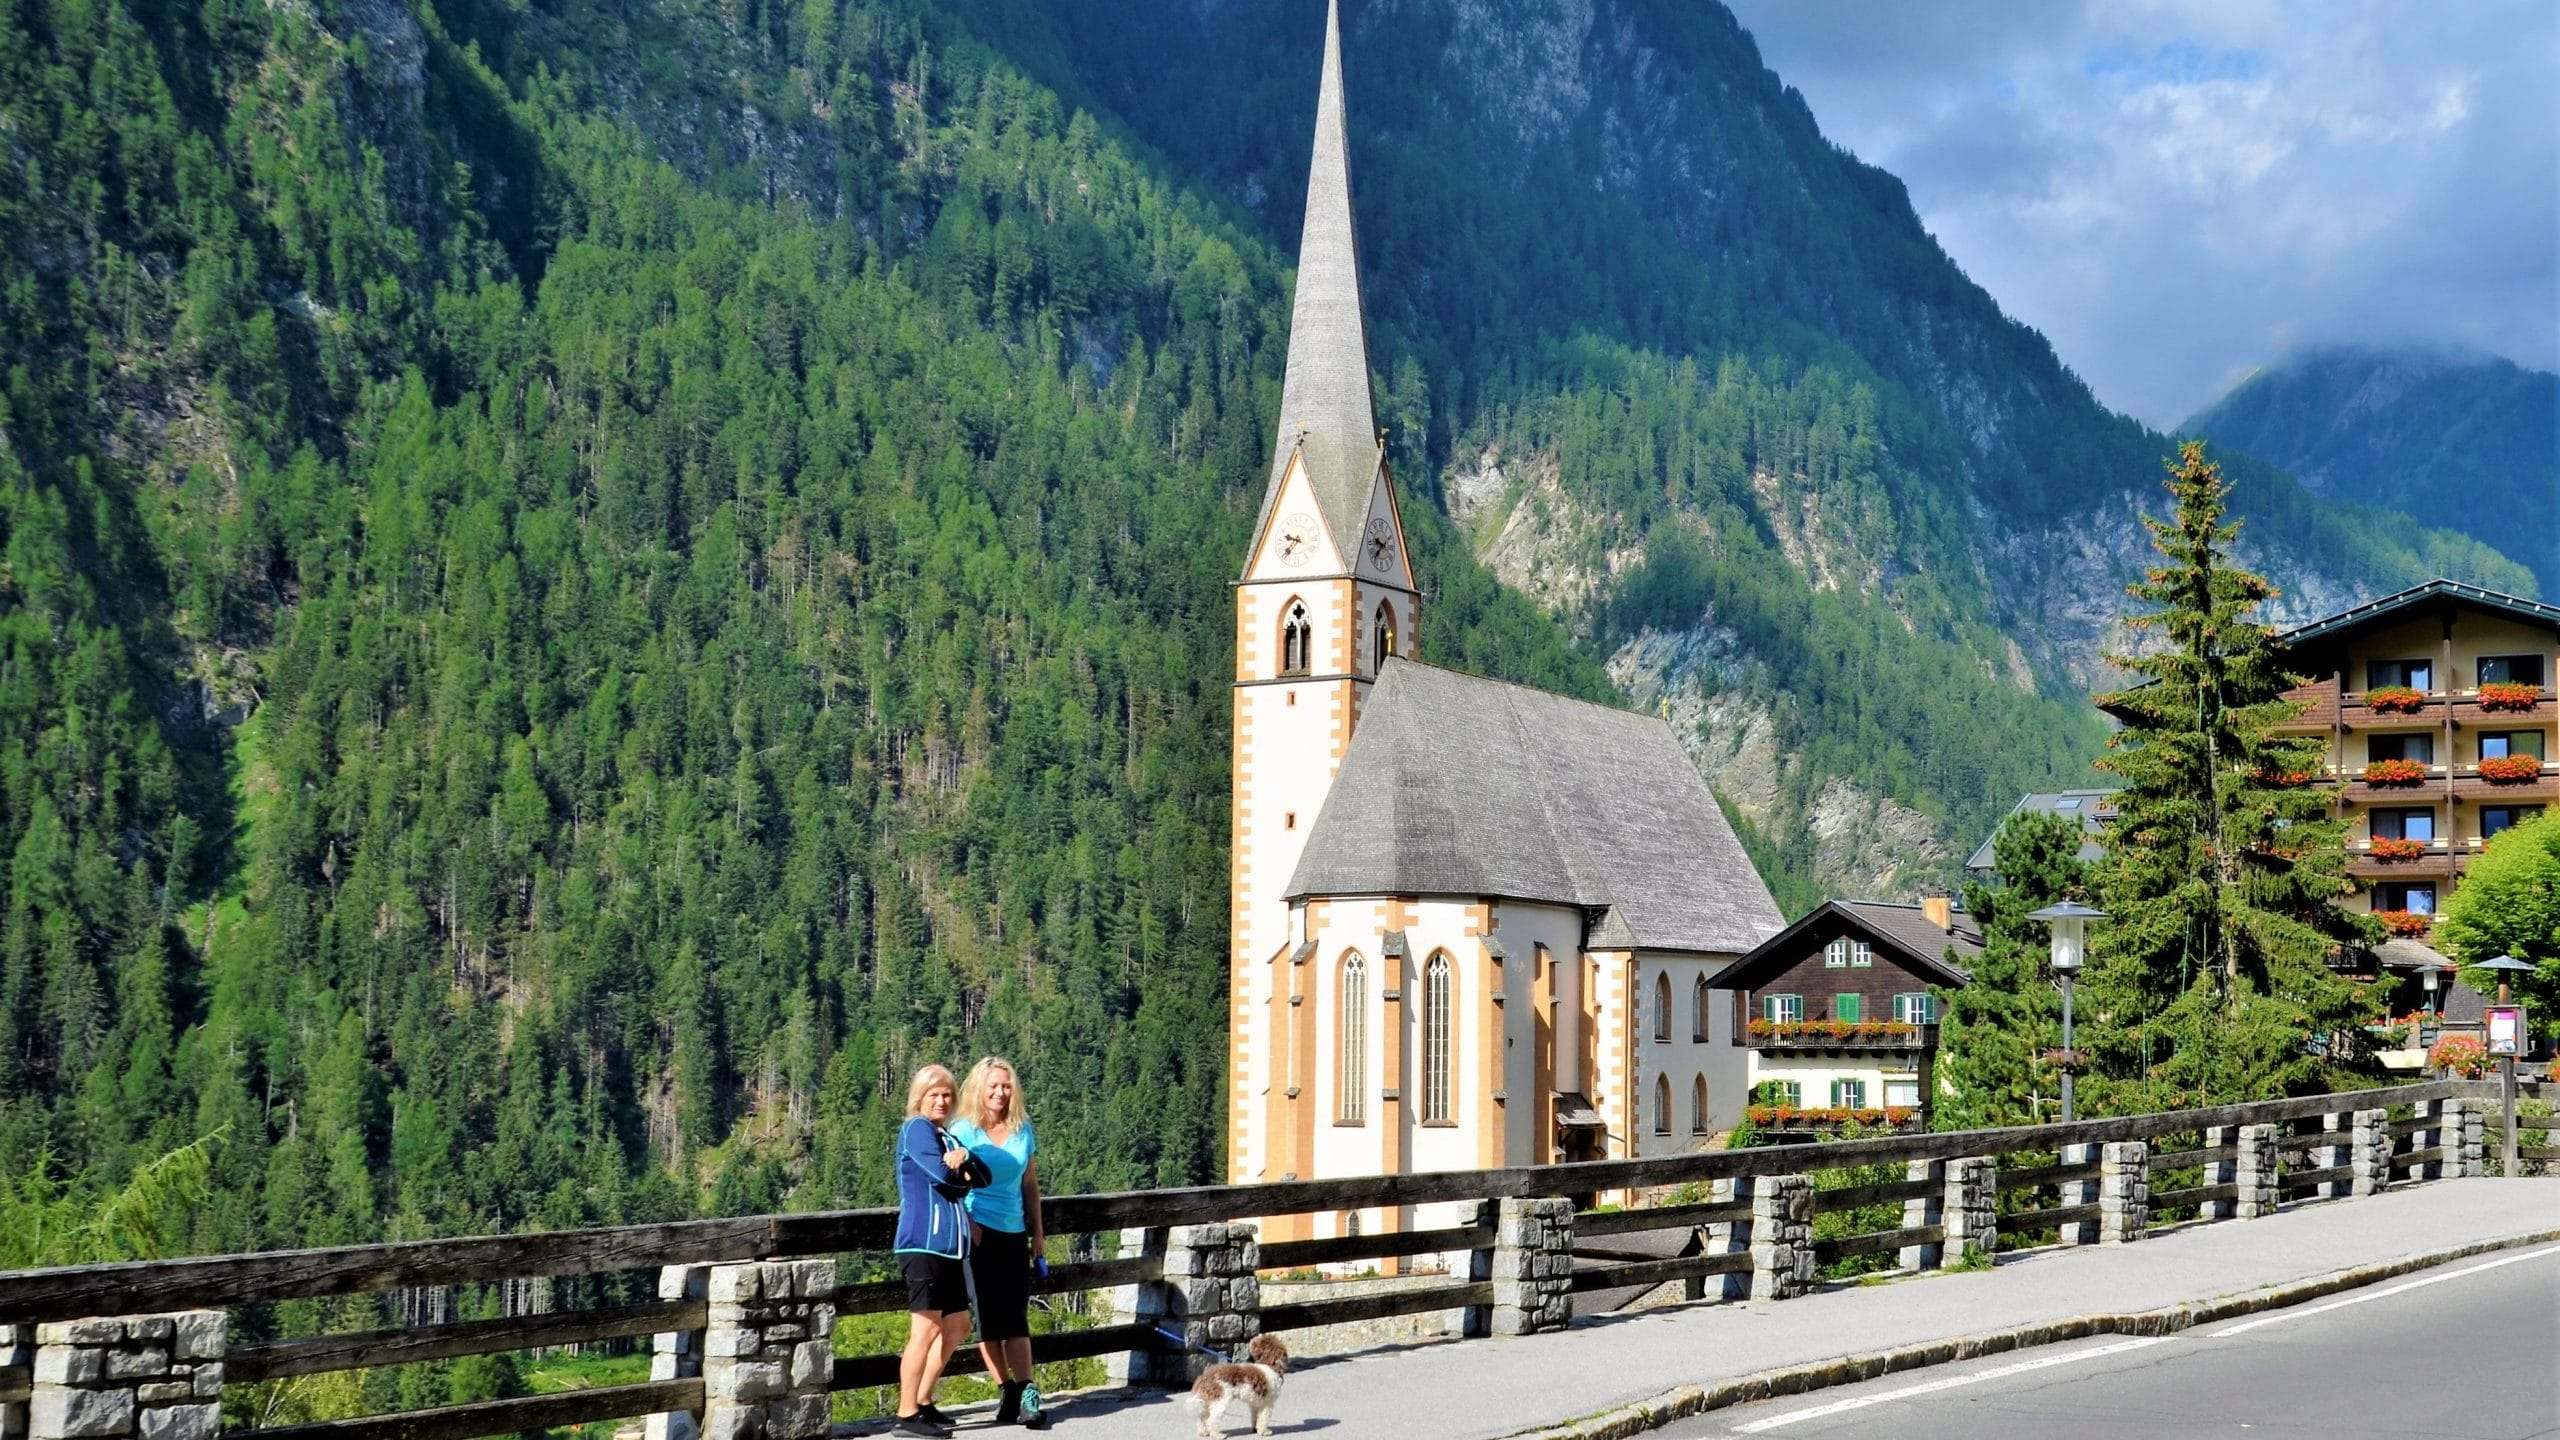 St. Vinzenez Heiligenblut